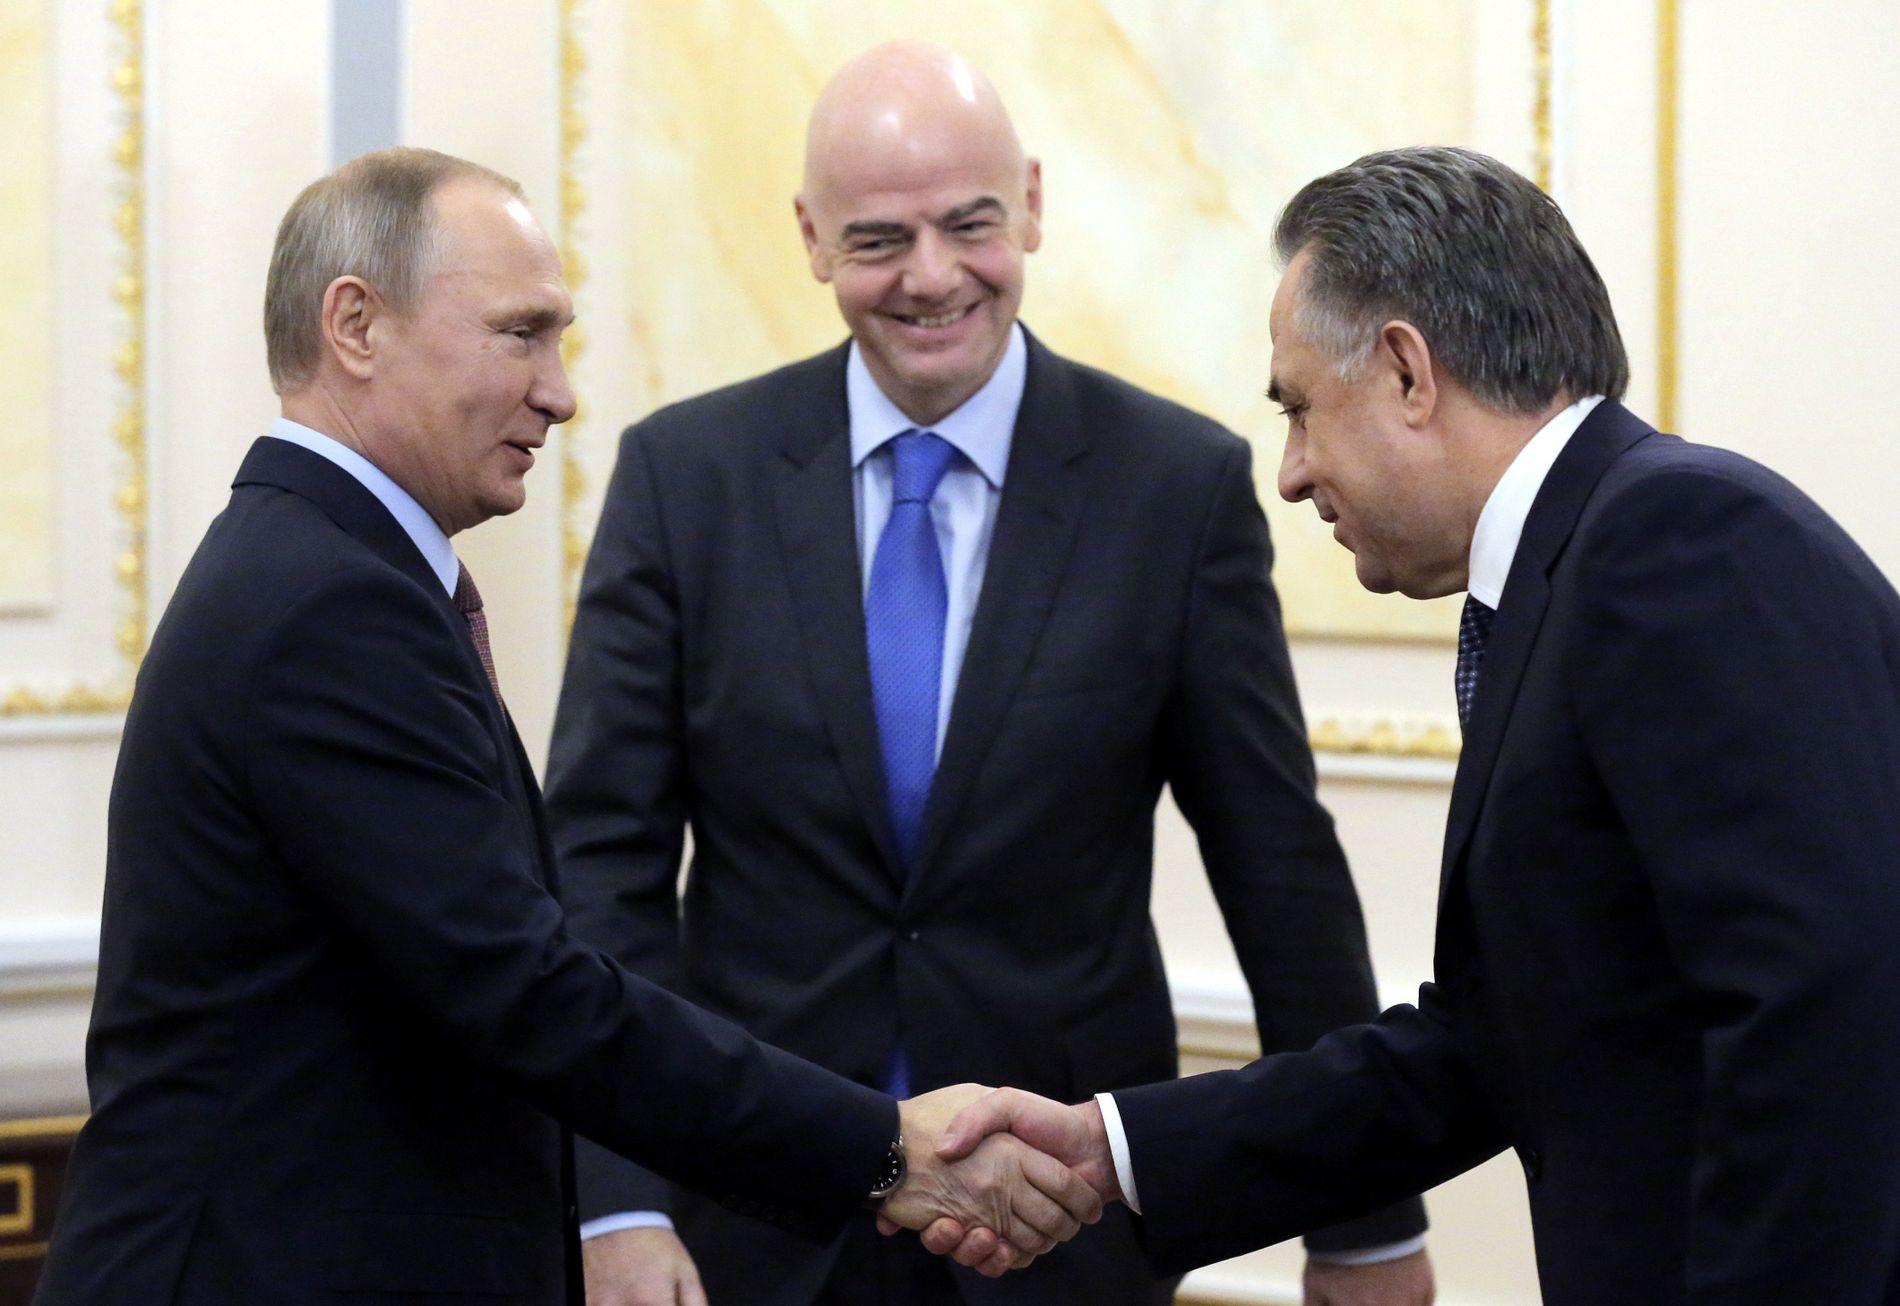 FOTBALL-VM Vladimir Putin (t.v.) hilser på Vitalij Mutko i forbindelse med et møte med FIFA-president Gianni Infantino (i midten) i november i fjor.